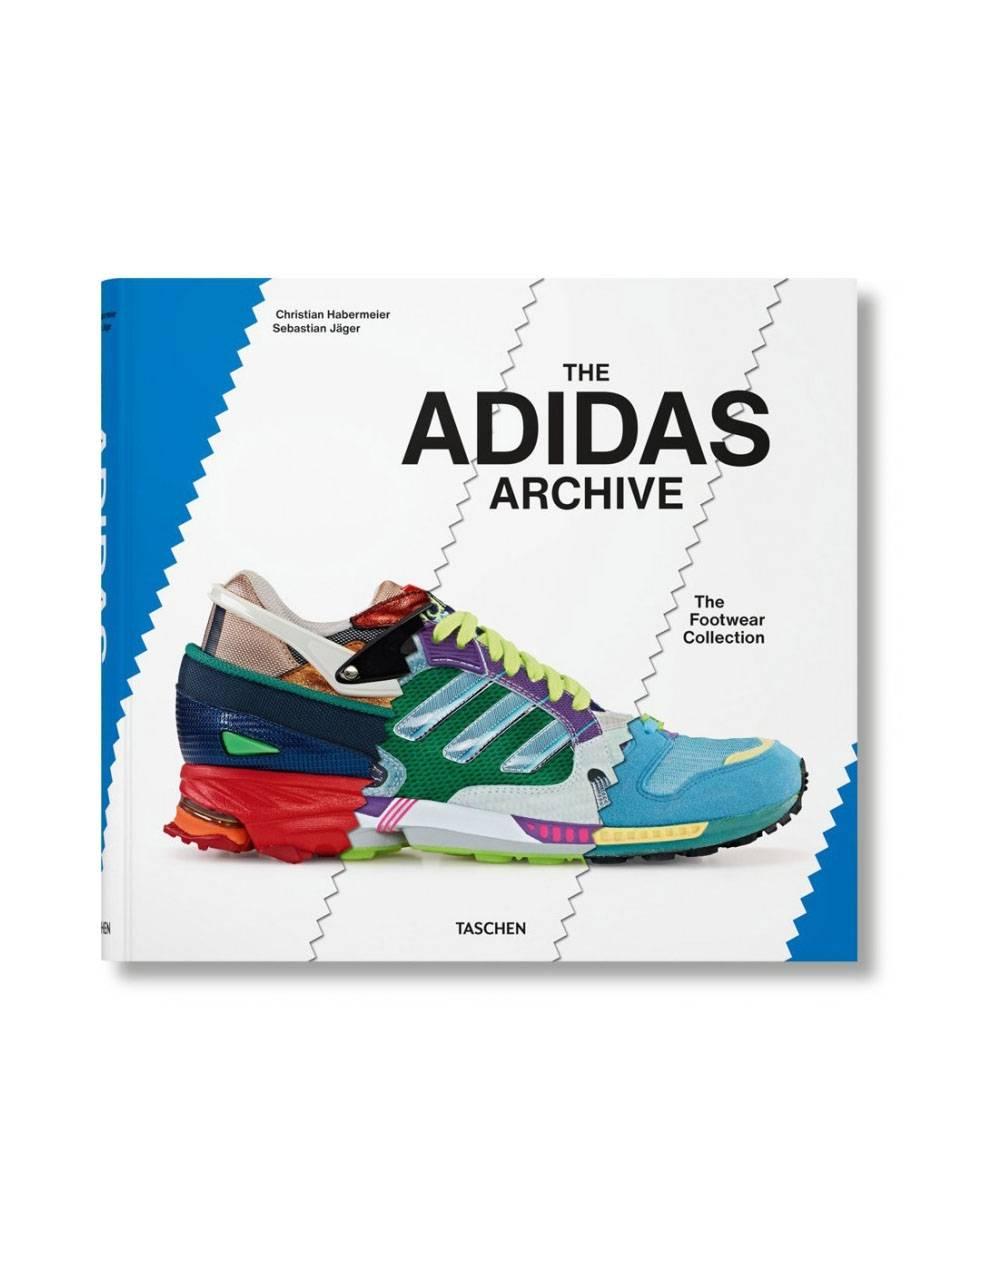 Taschen - The Adidas archive. The footwear collection Taschen Books 81,97€